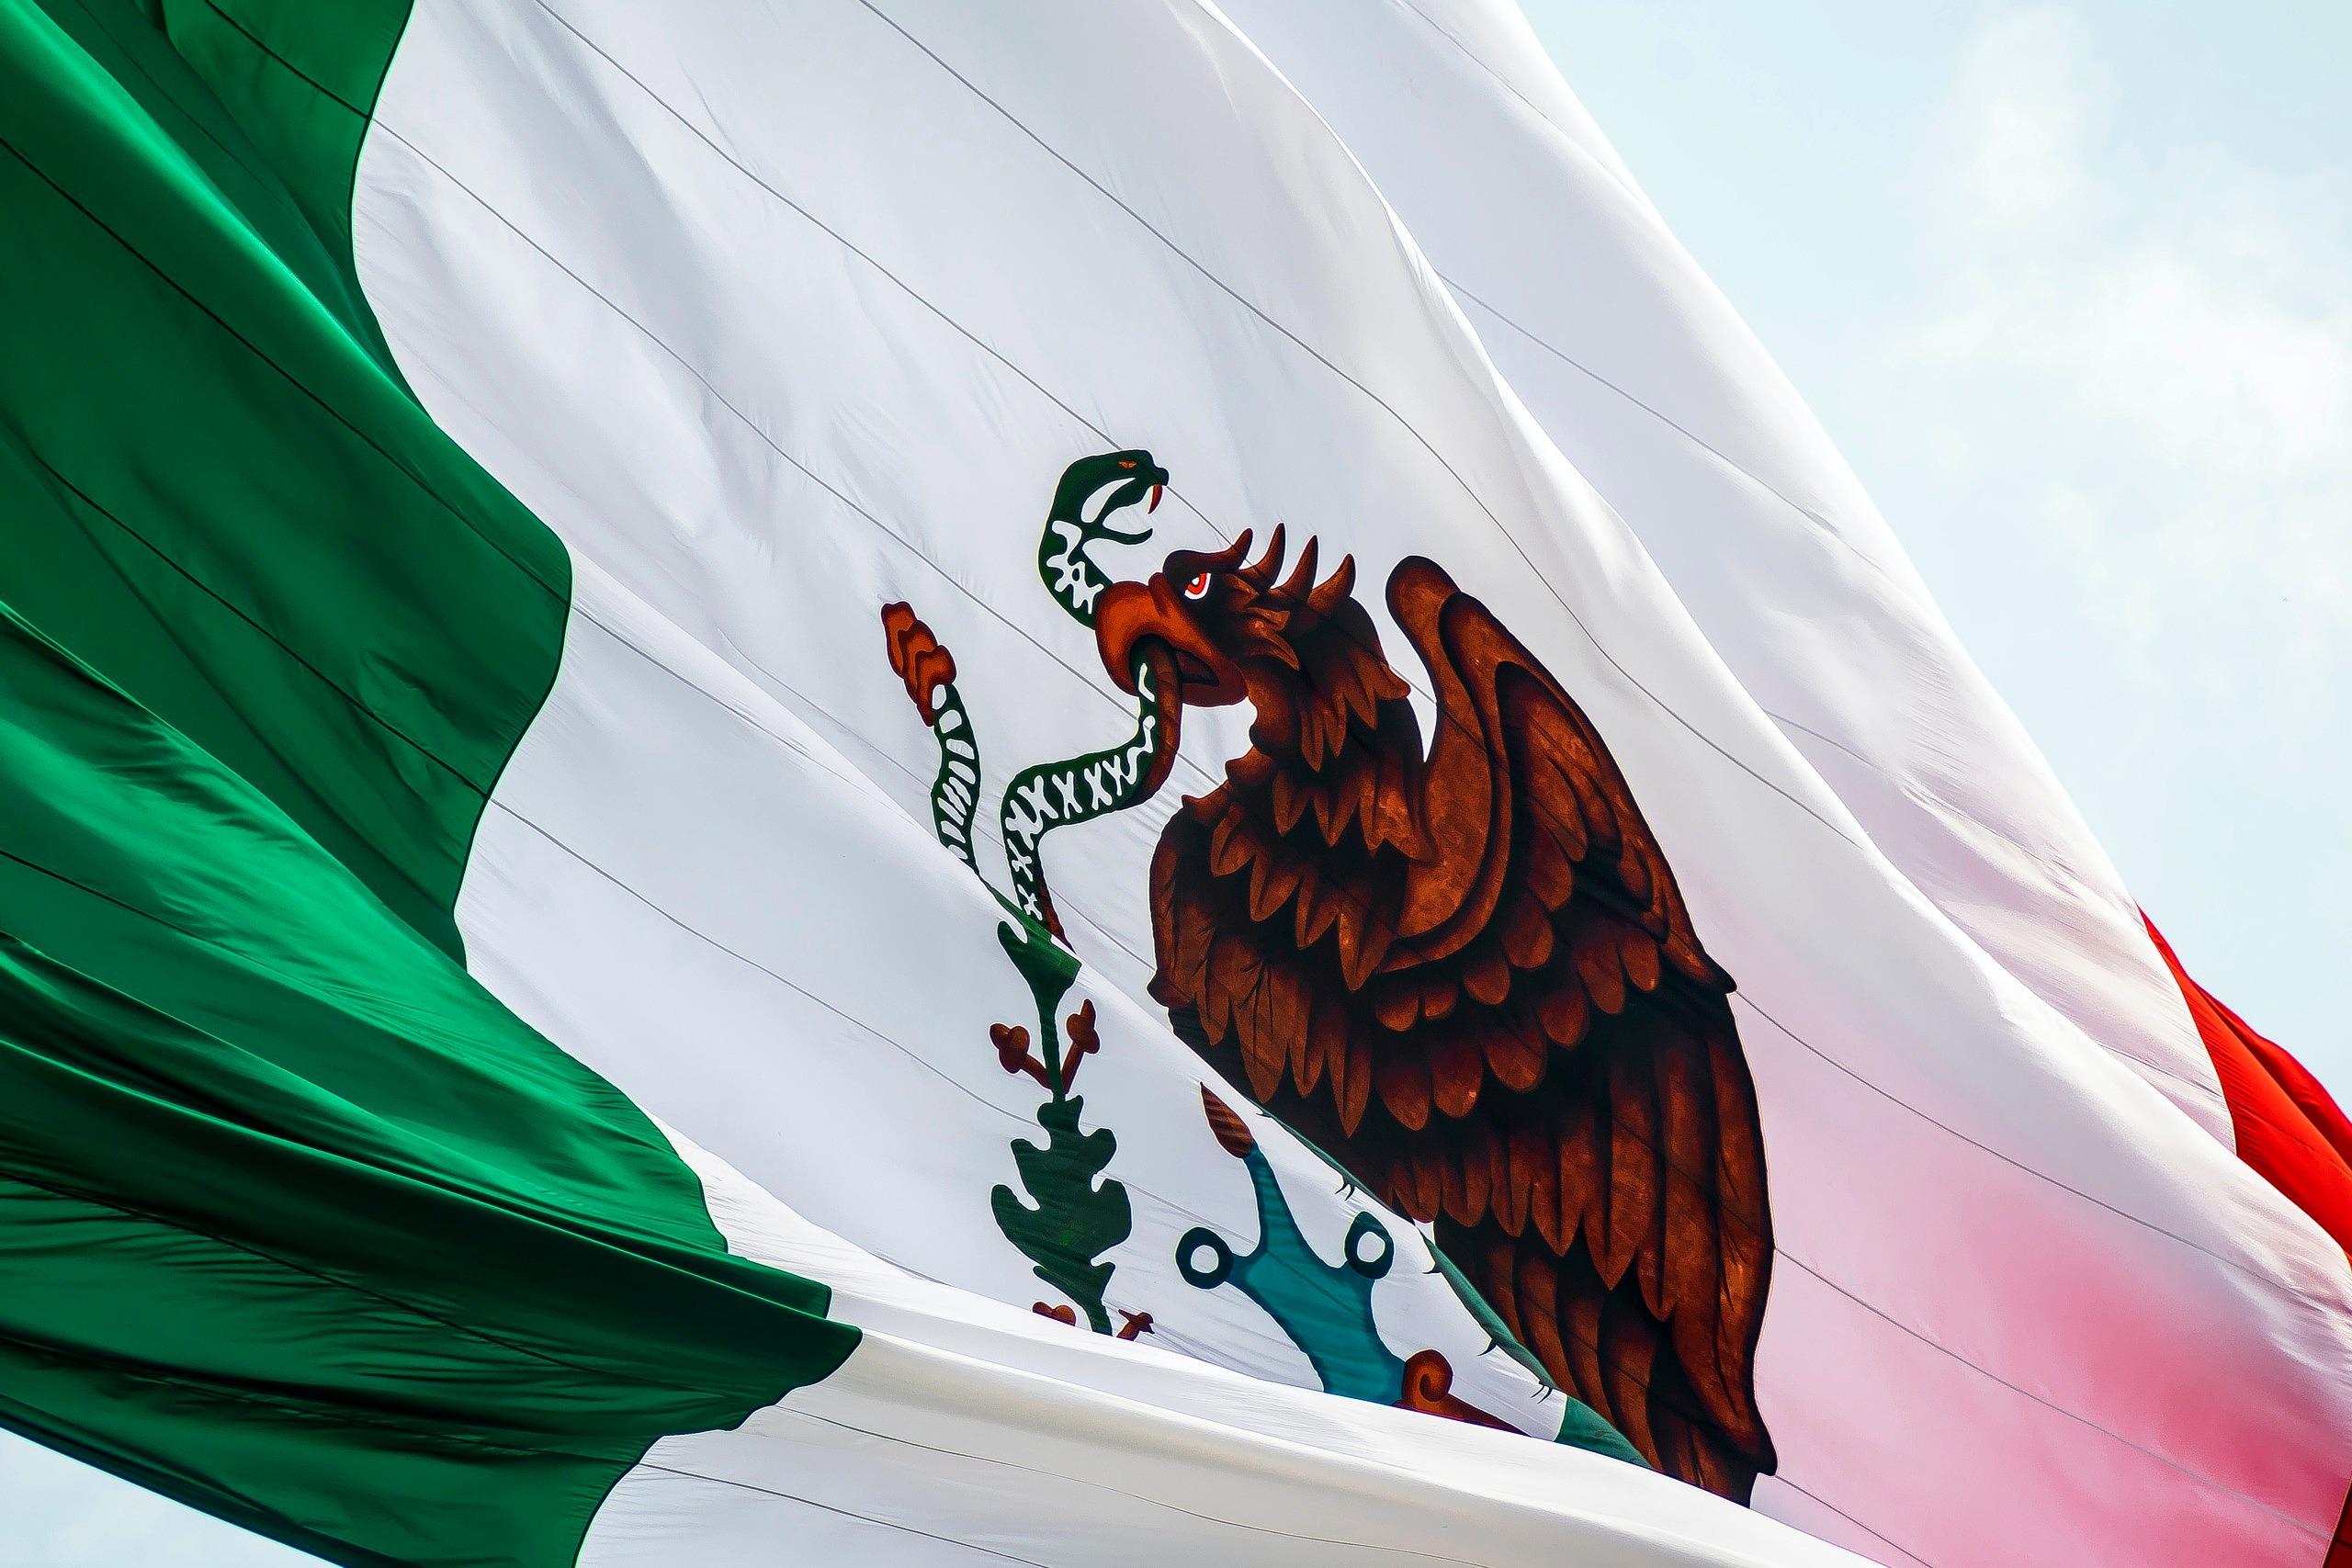 asuntos publicos mexico